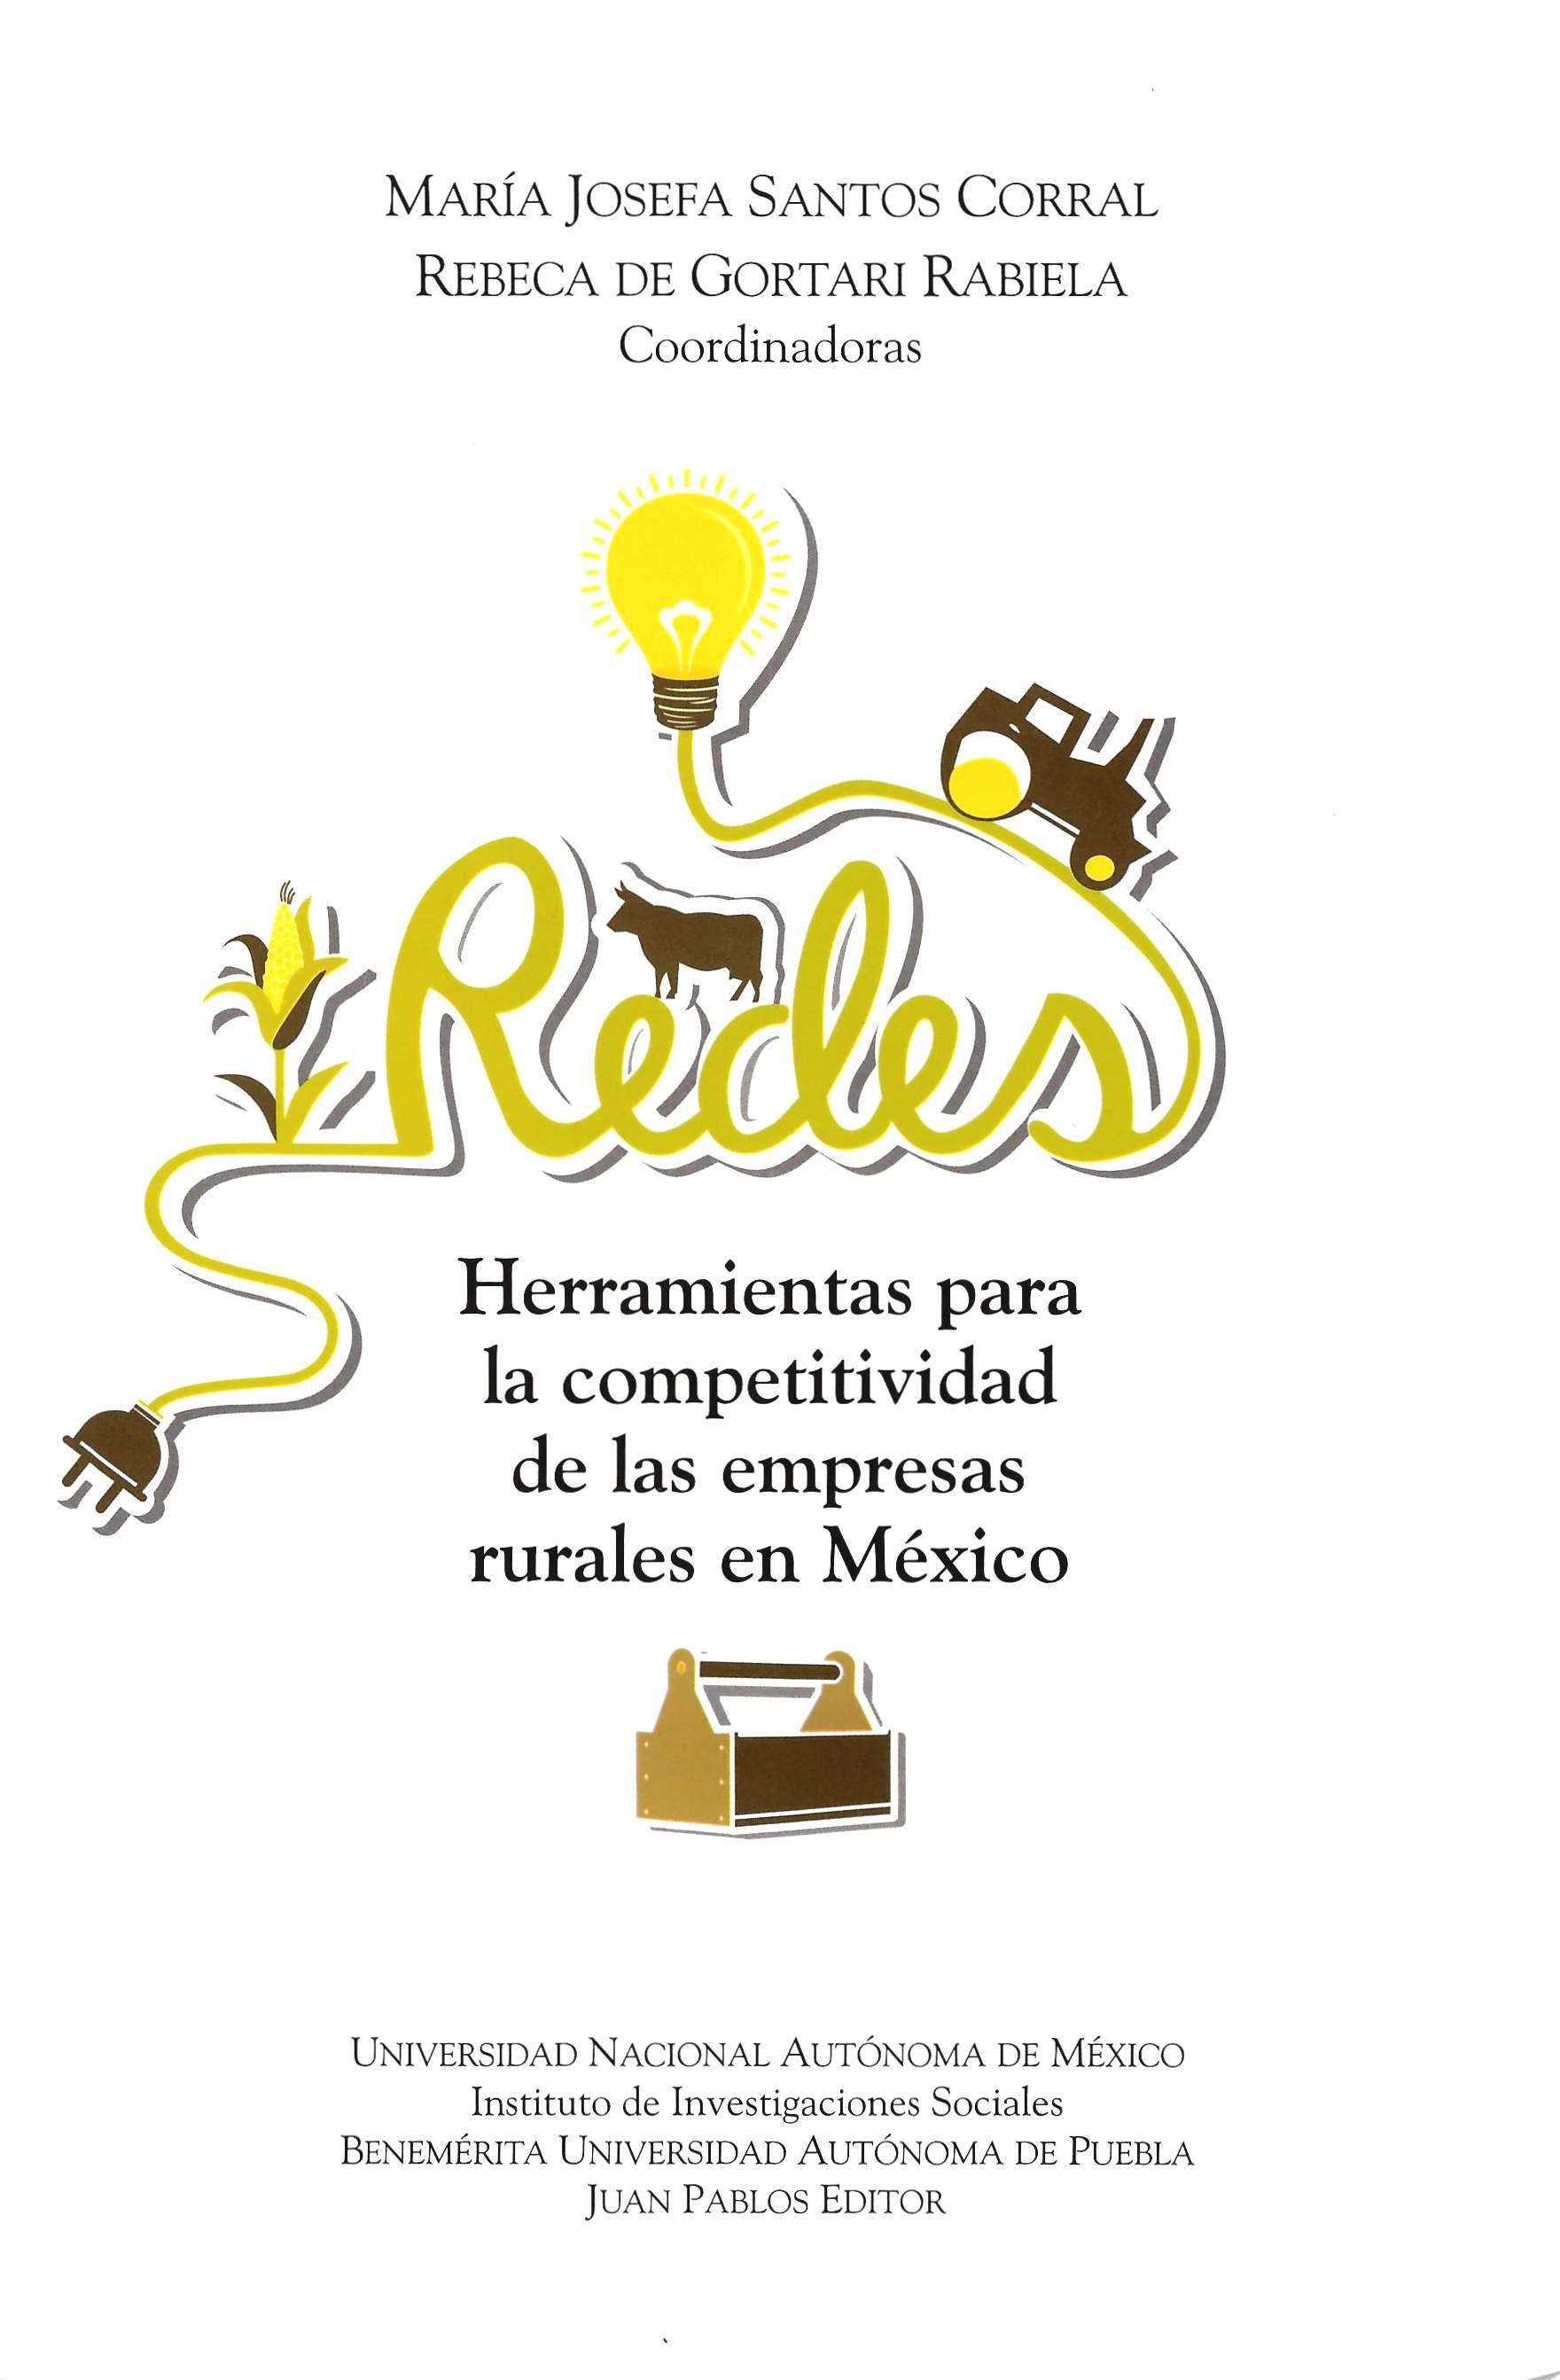 Las redes: herramientas para la competitividad de las empresas rurales en México